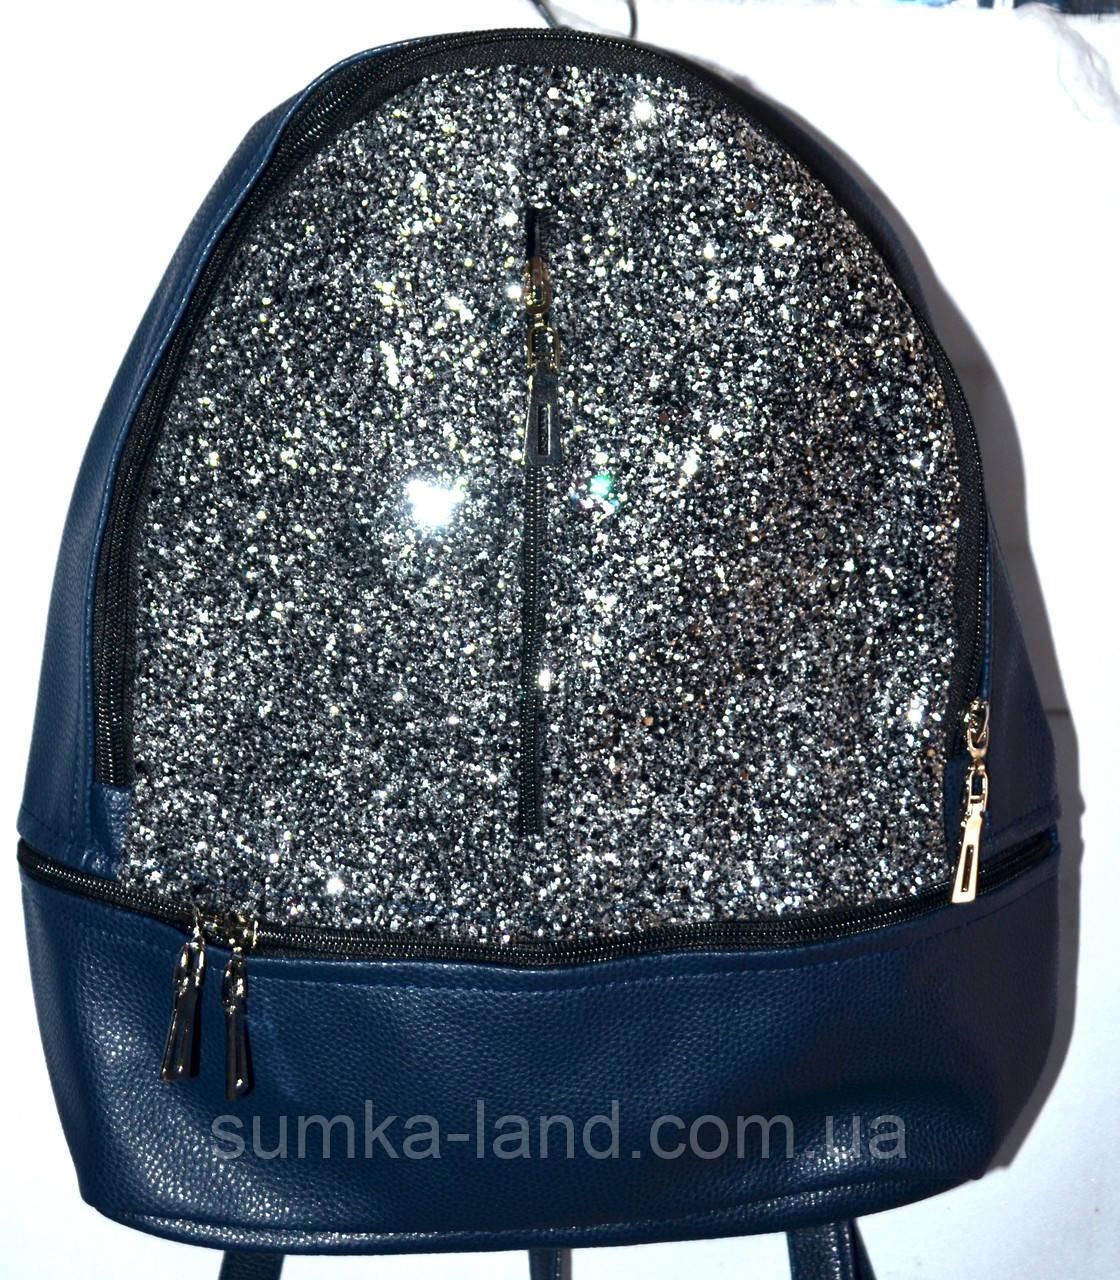 1d611aa0a5e8 Женский синий рюкзак с блестками 26*33 см, цена 227 грн., купить в ...